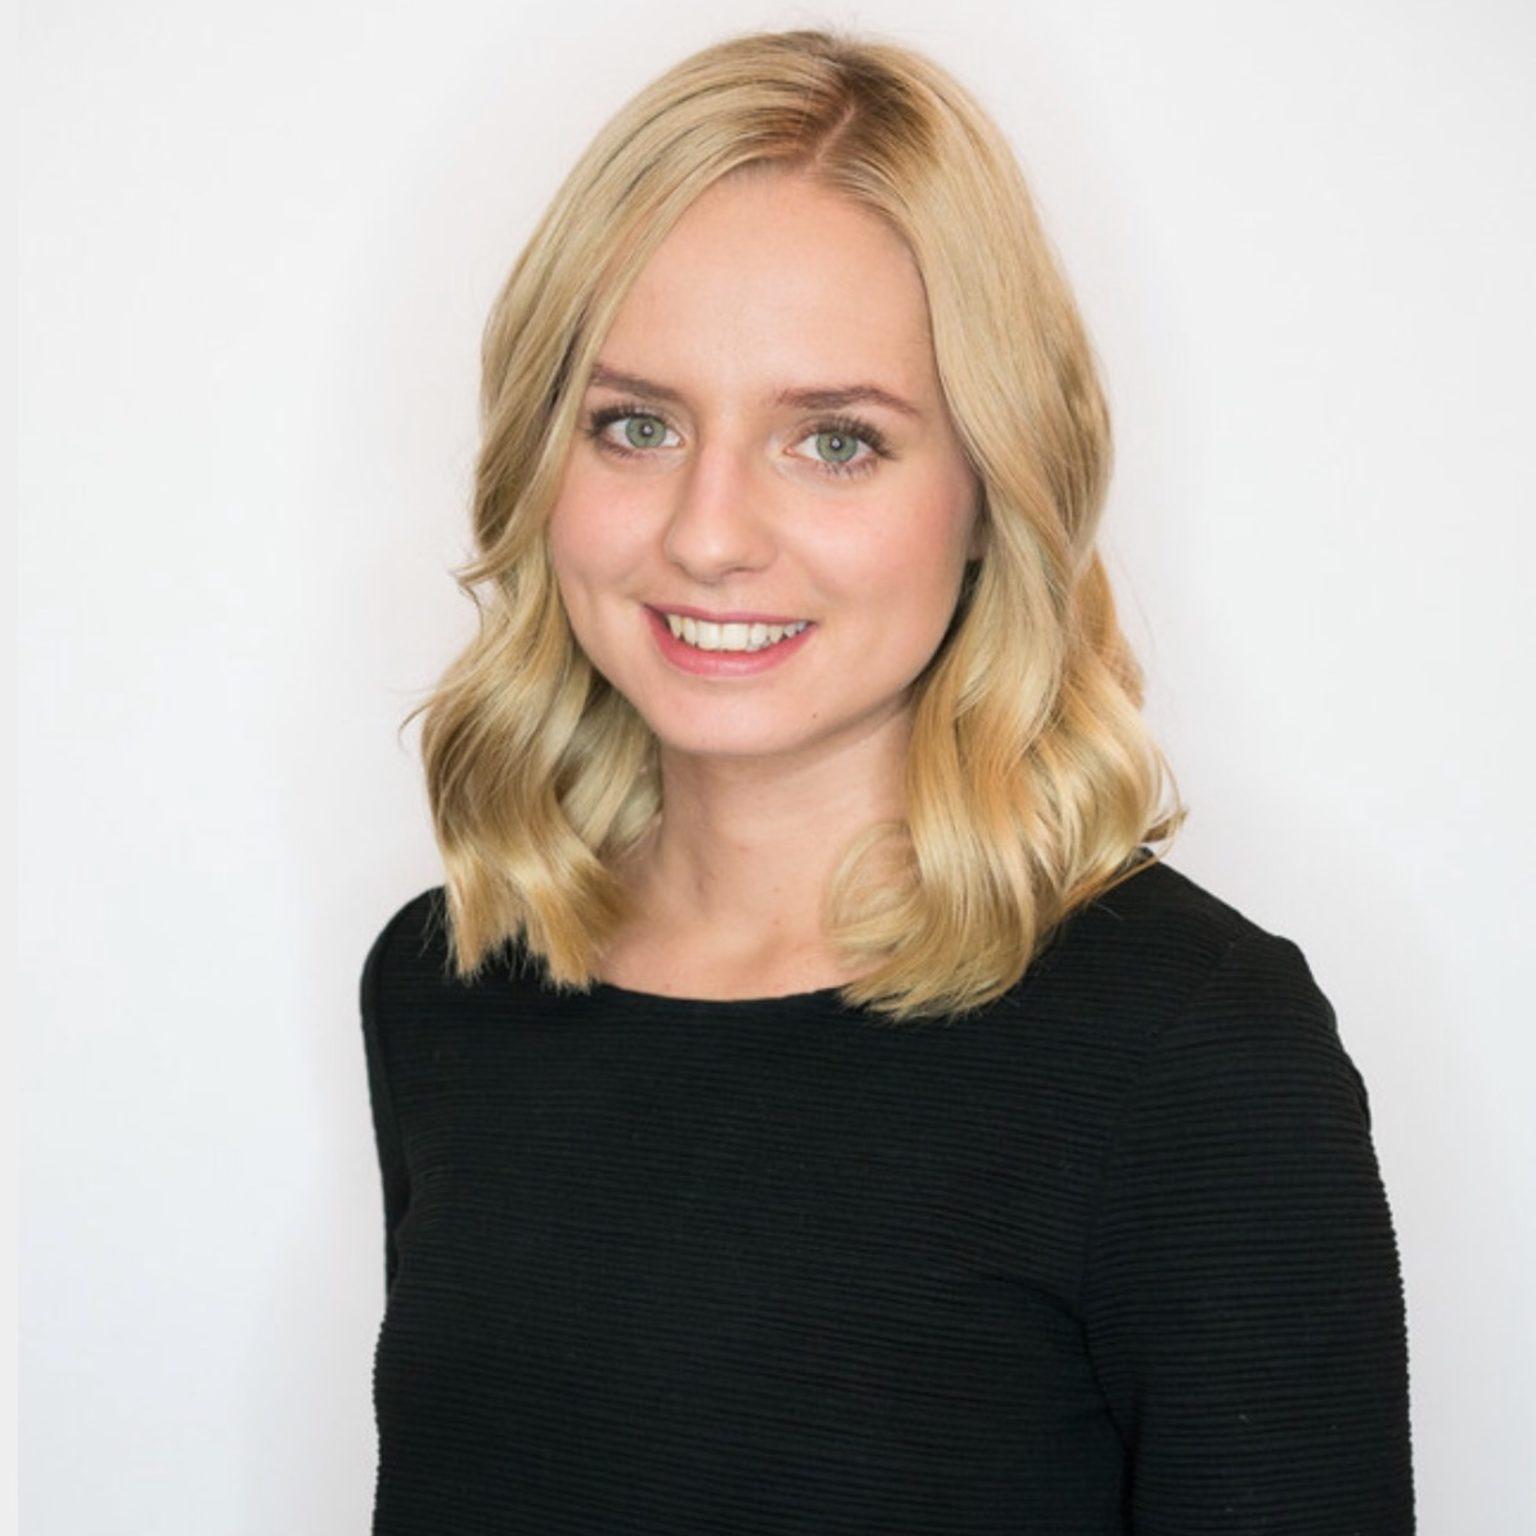 Fabienne - Haarstylistin - Spezialgebiet: Haarfarbe und Langes Haar - aktuell in Mutterschutz -